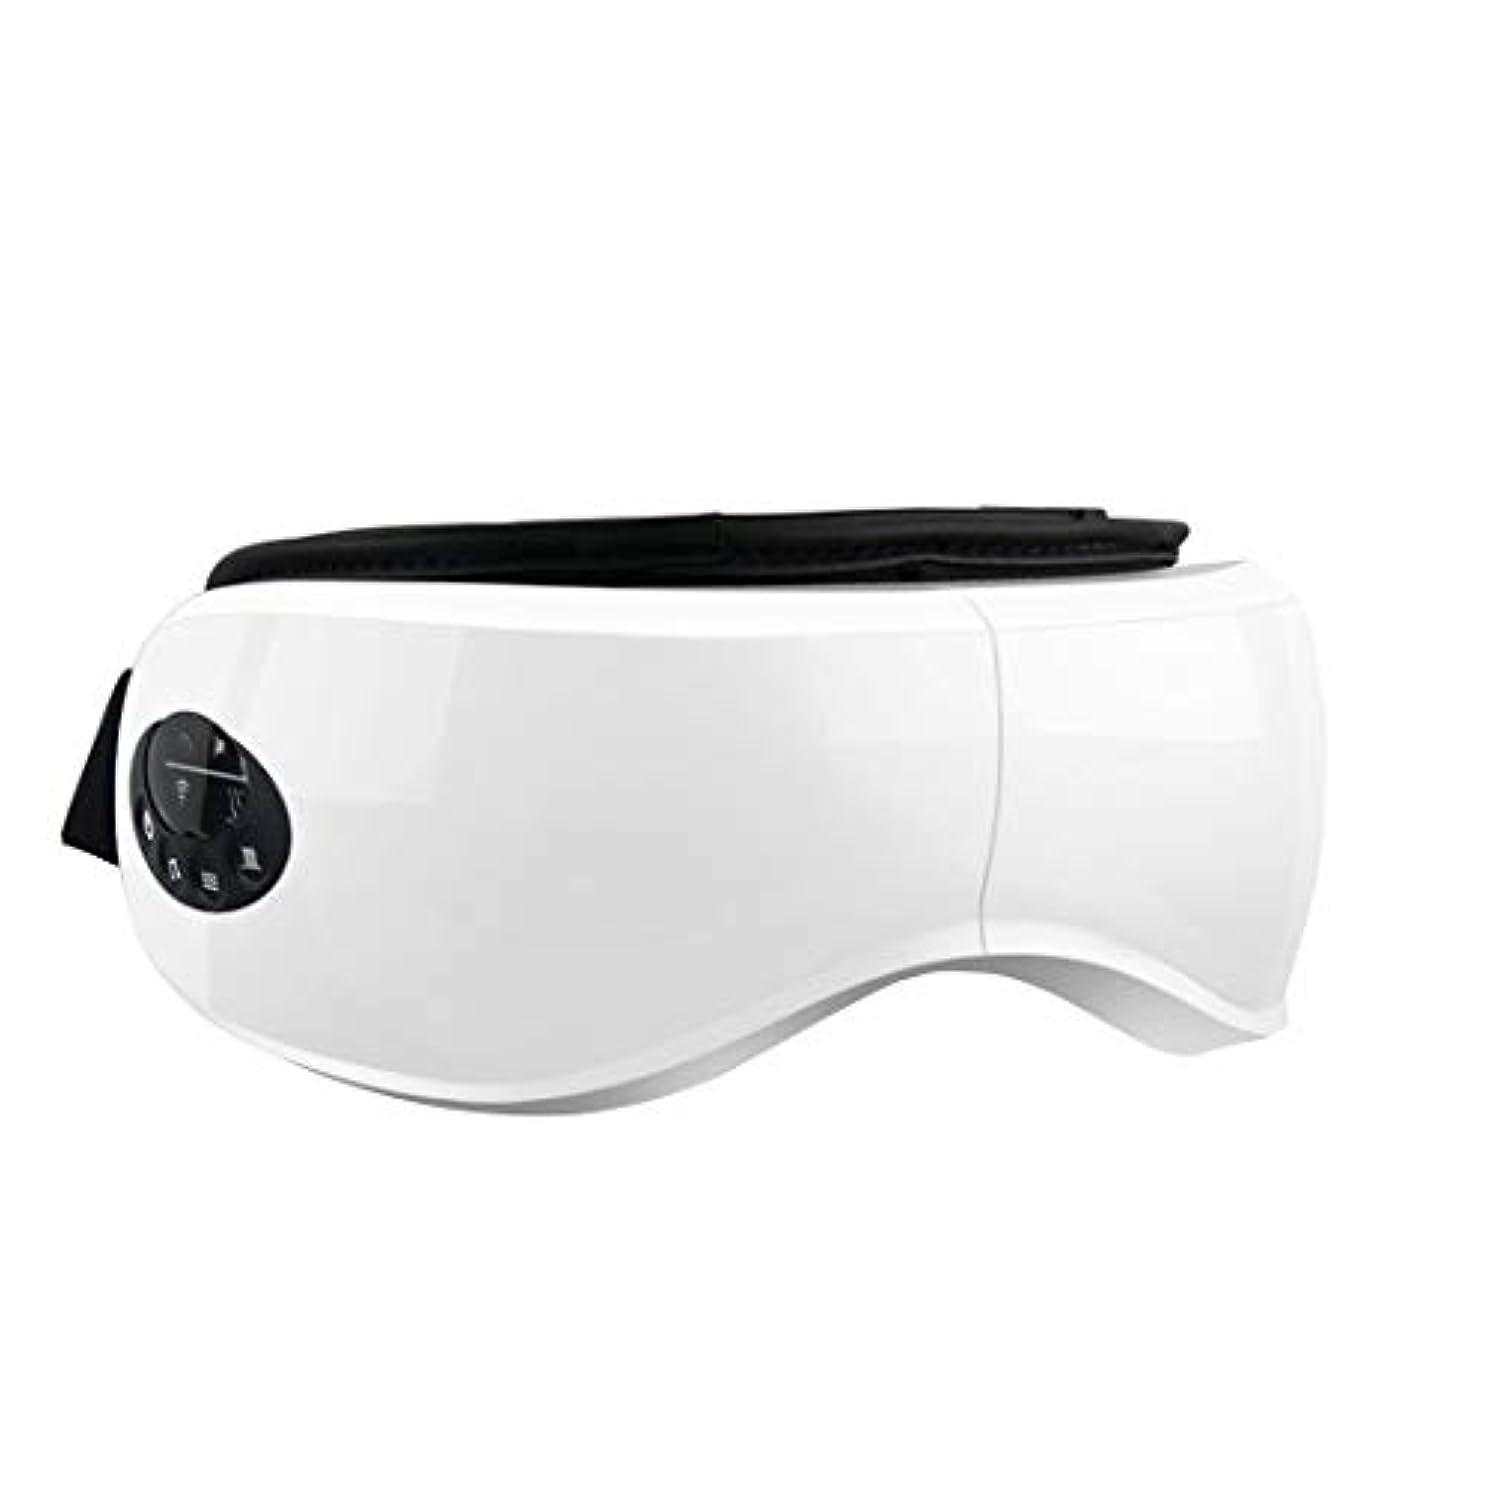 後継セマフォ摩擦人民の東の道 空気圧振動を伴う電気アイテンプルマッサージアイリラックス視力治療のための熱圧迫ストレス疲労